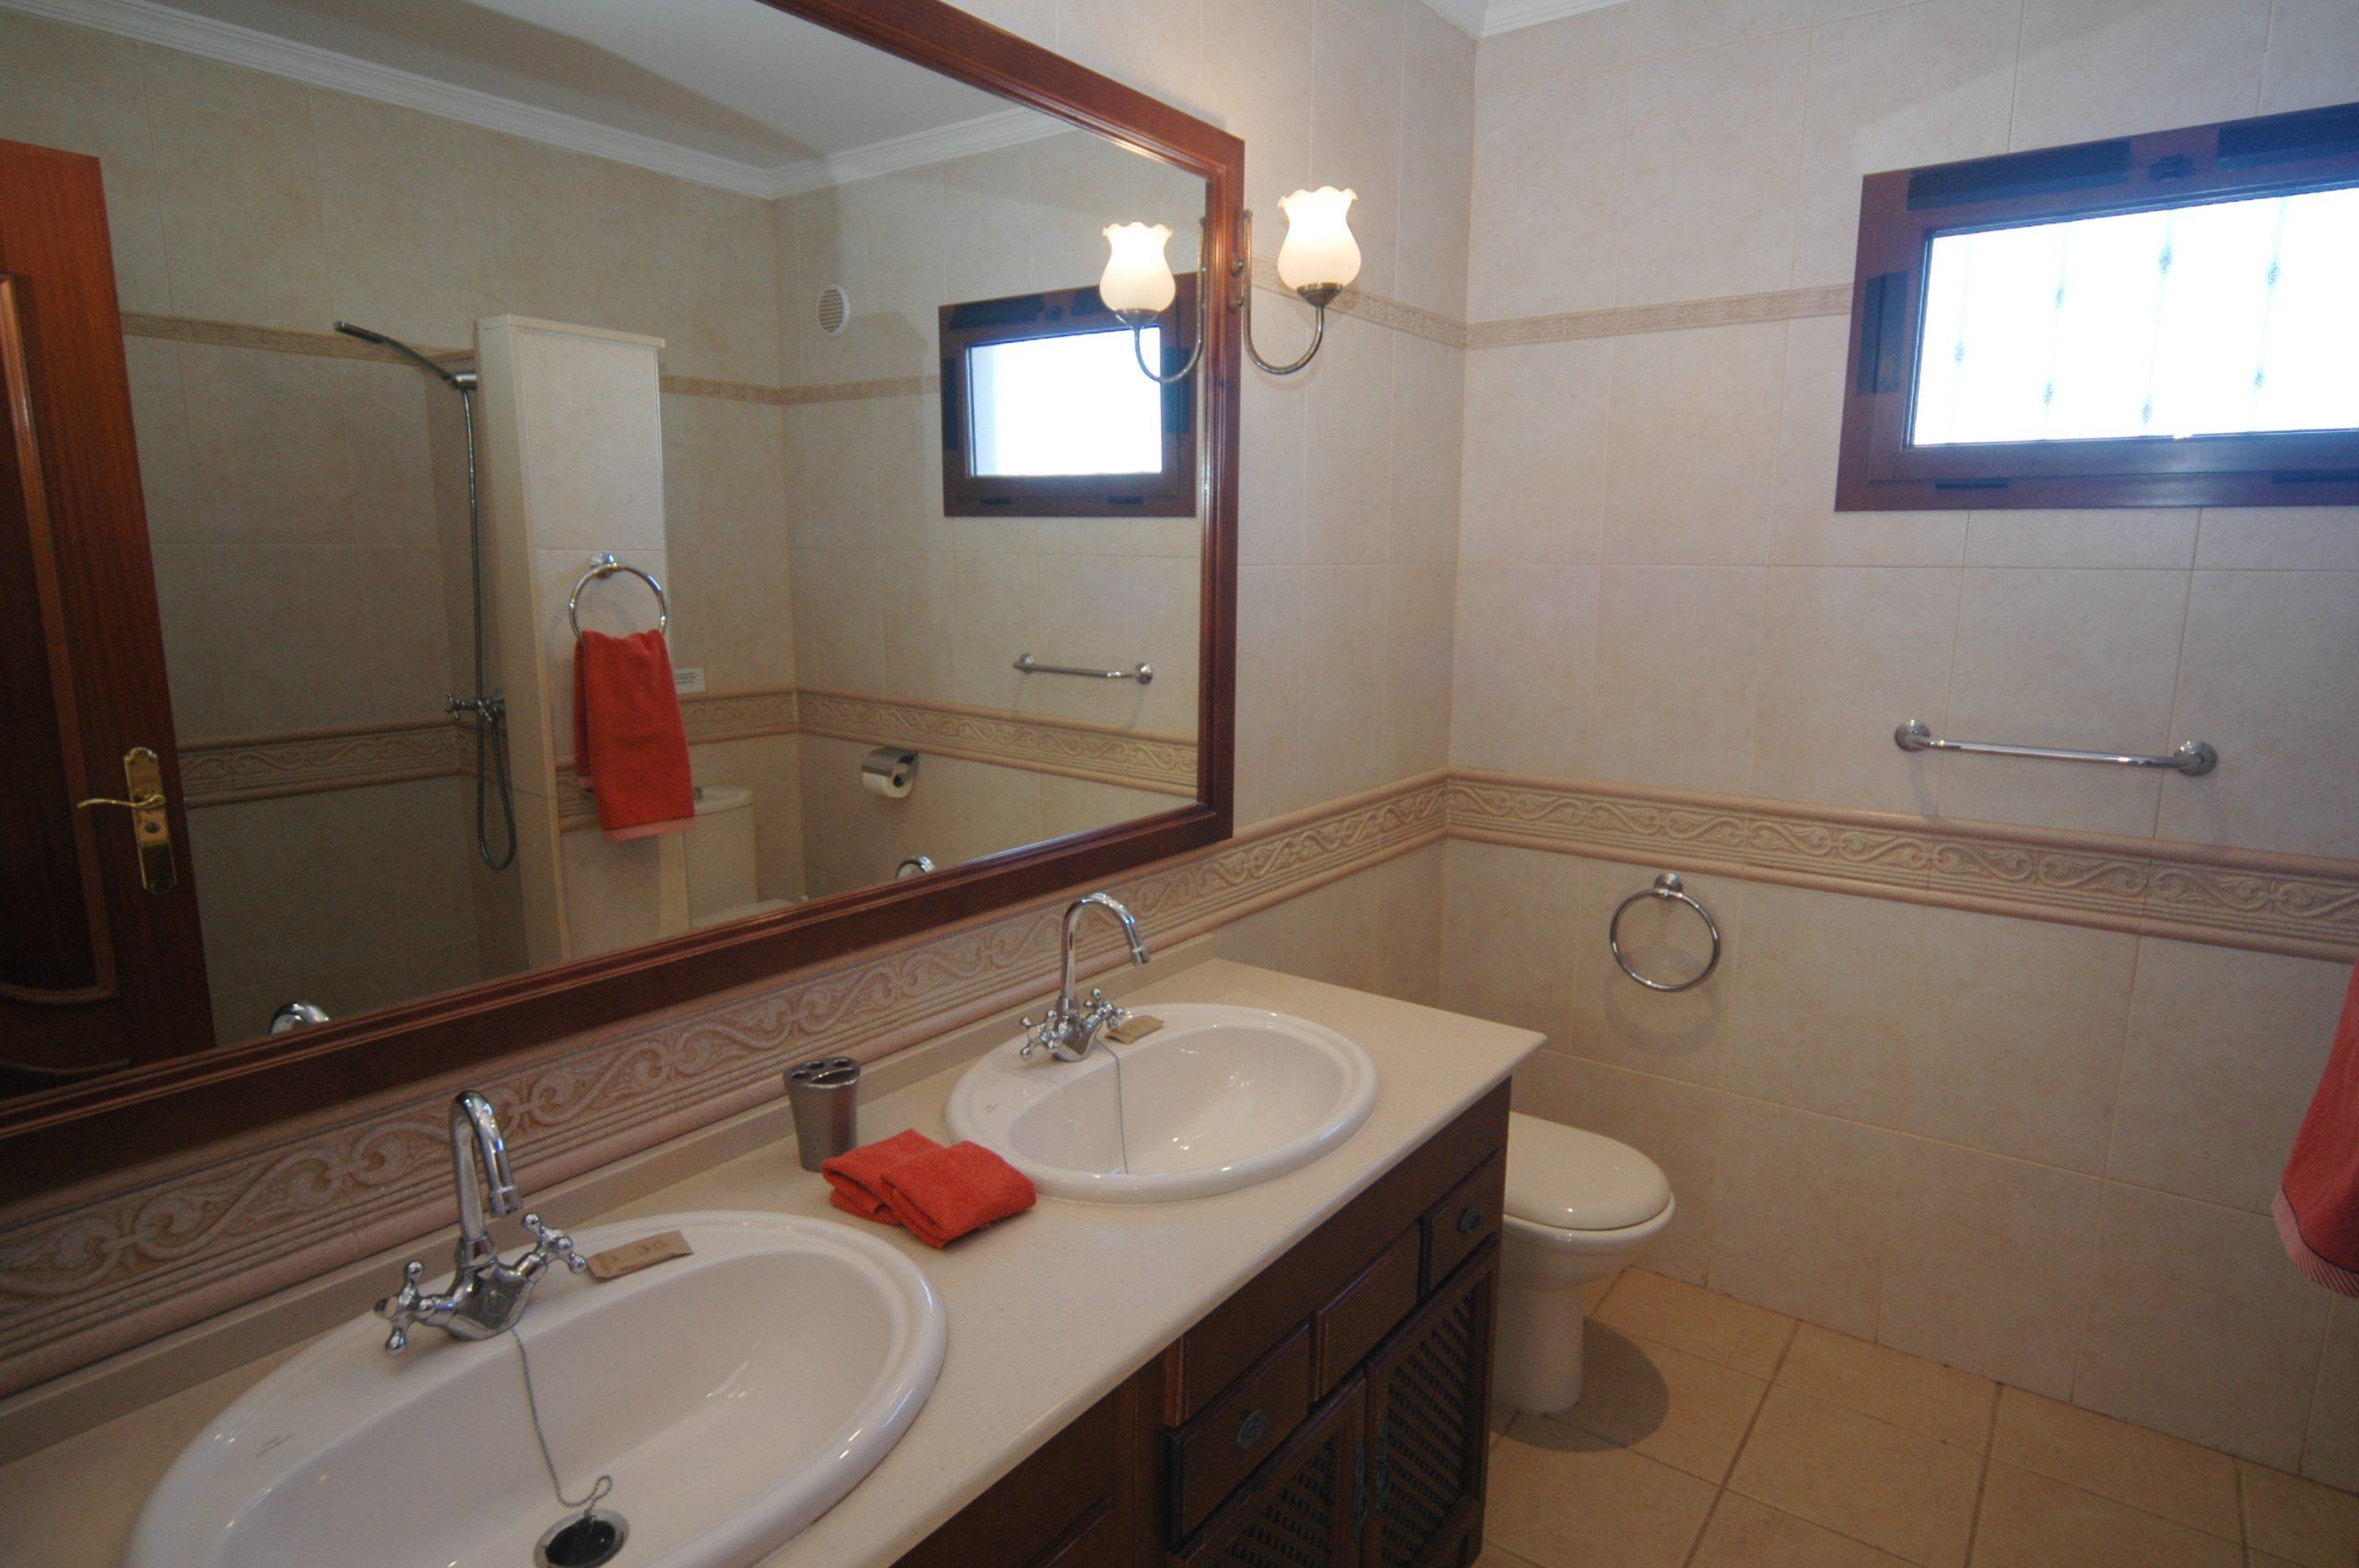 LVC200828 Shared shower room